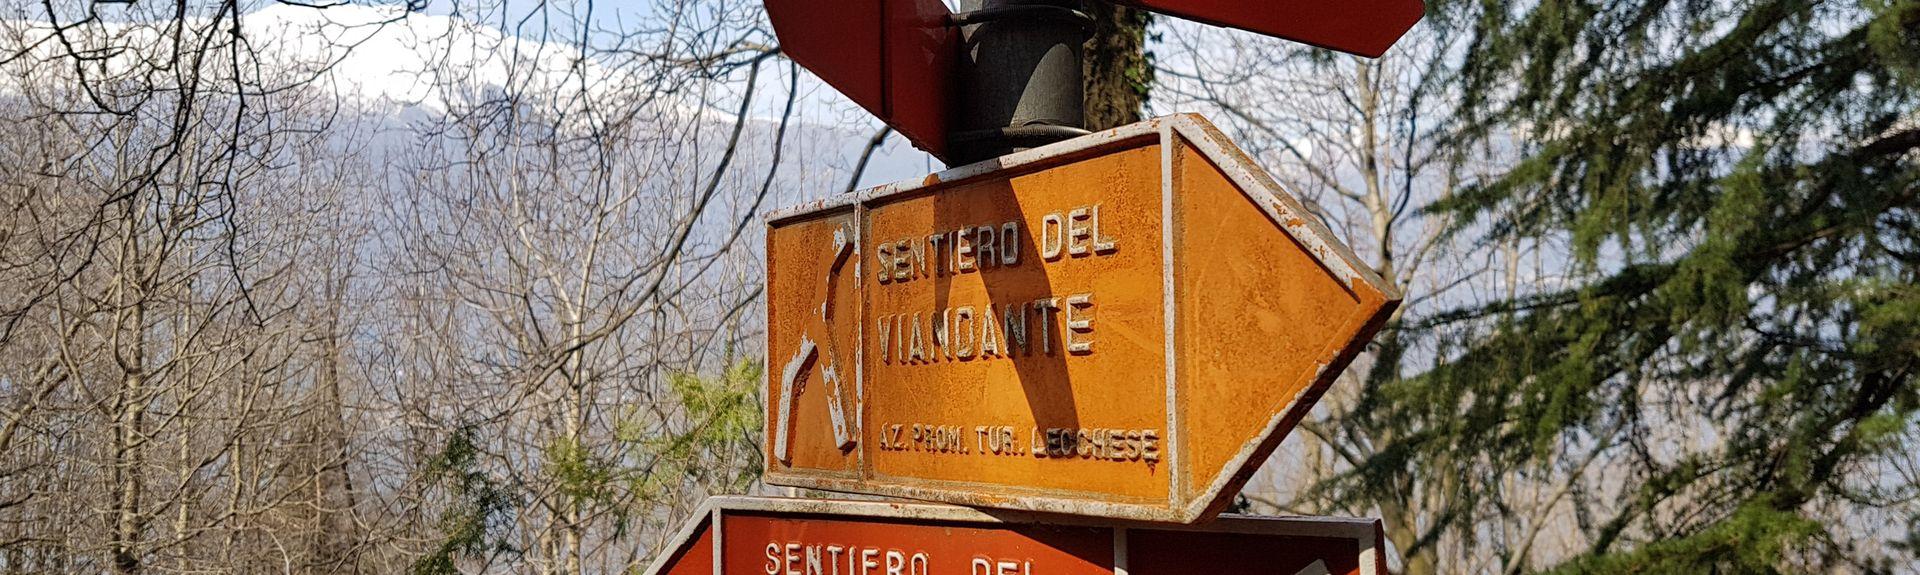 Peglio, Lombardei, Italien